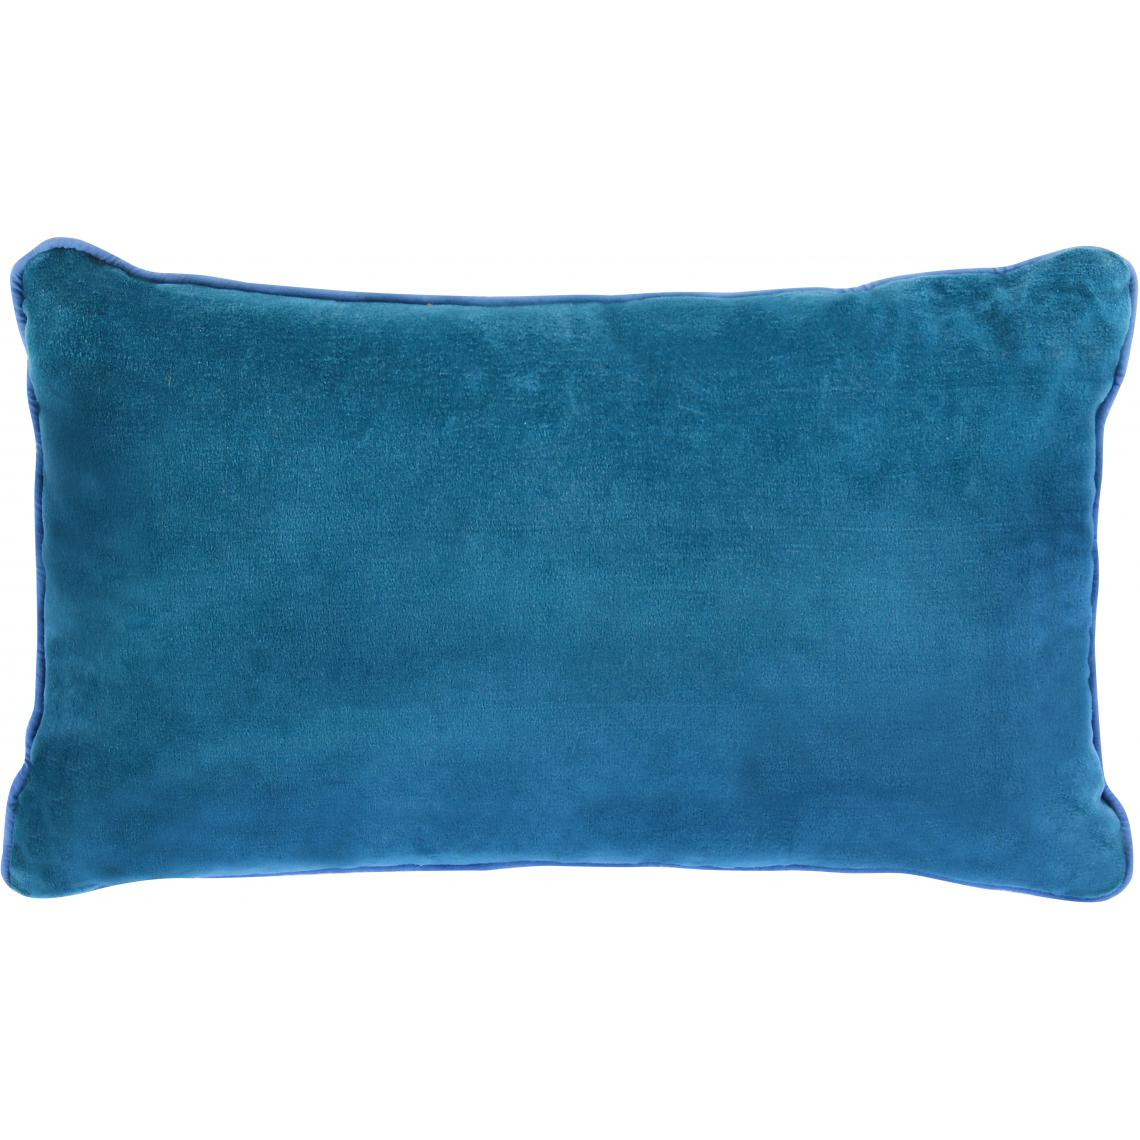 Coussin Rectangulaire En Velours Bleu Canard Candy Plus De Détails encequiconcerne Coussin Bleu Turquoise